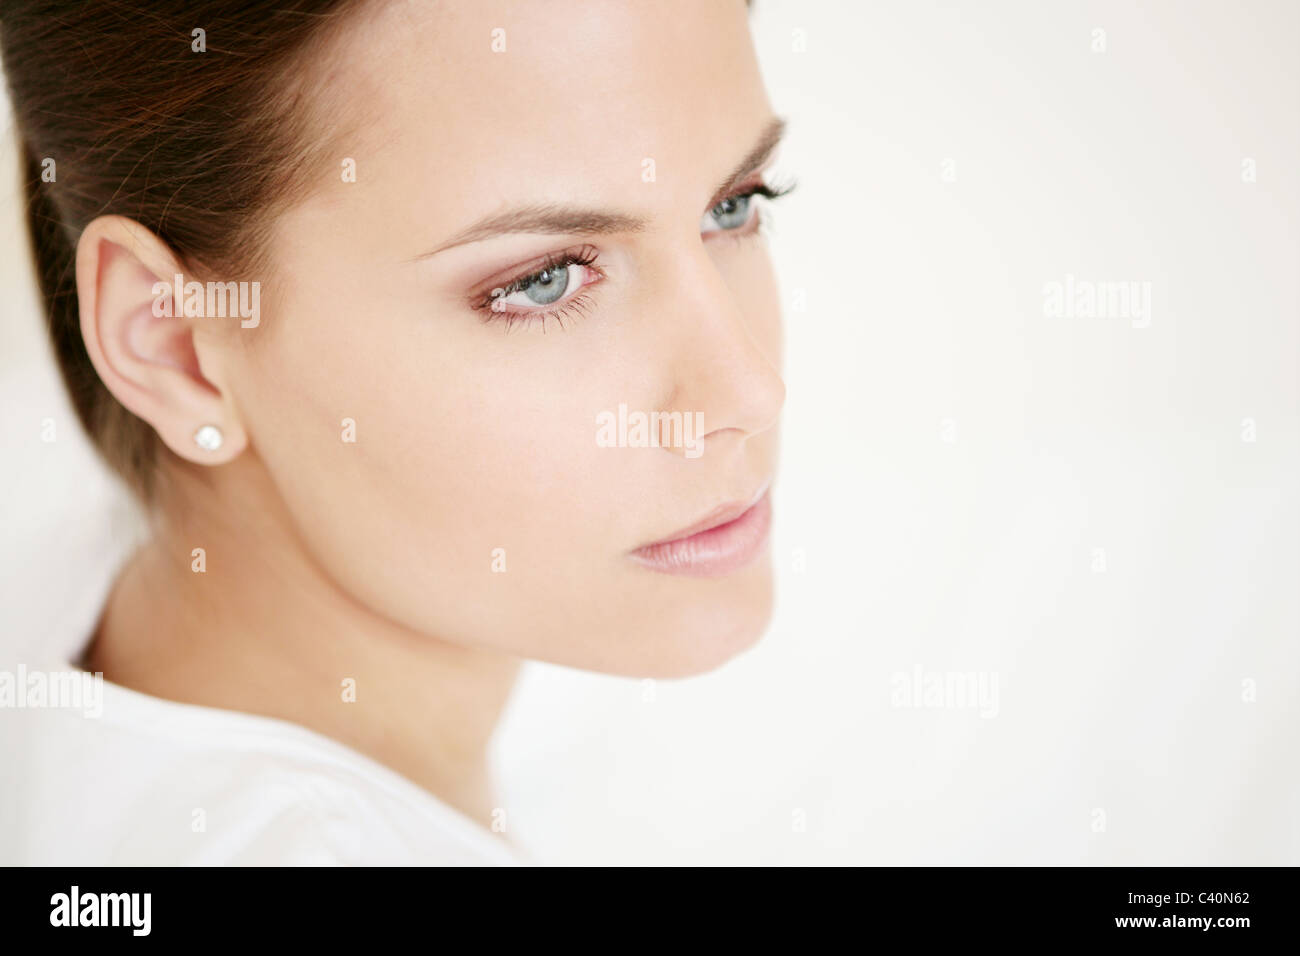 Visage, jeune, femme, vitalité, frais, composent, modèle, adulte, femme, tête, beauté, 20-25 Photo Stock